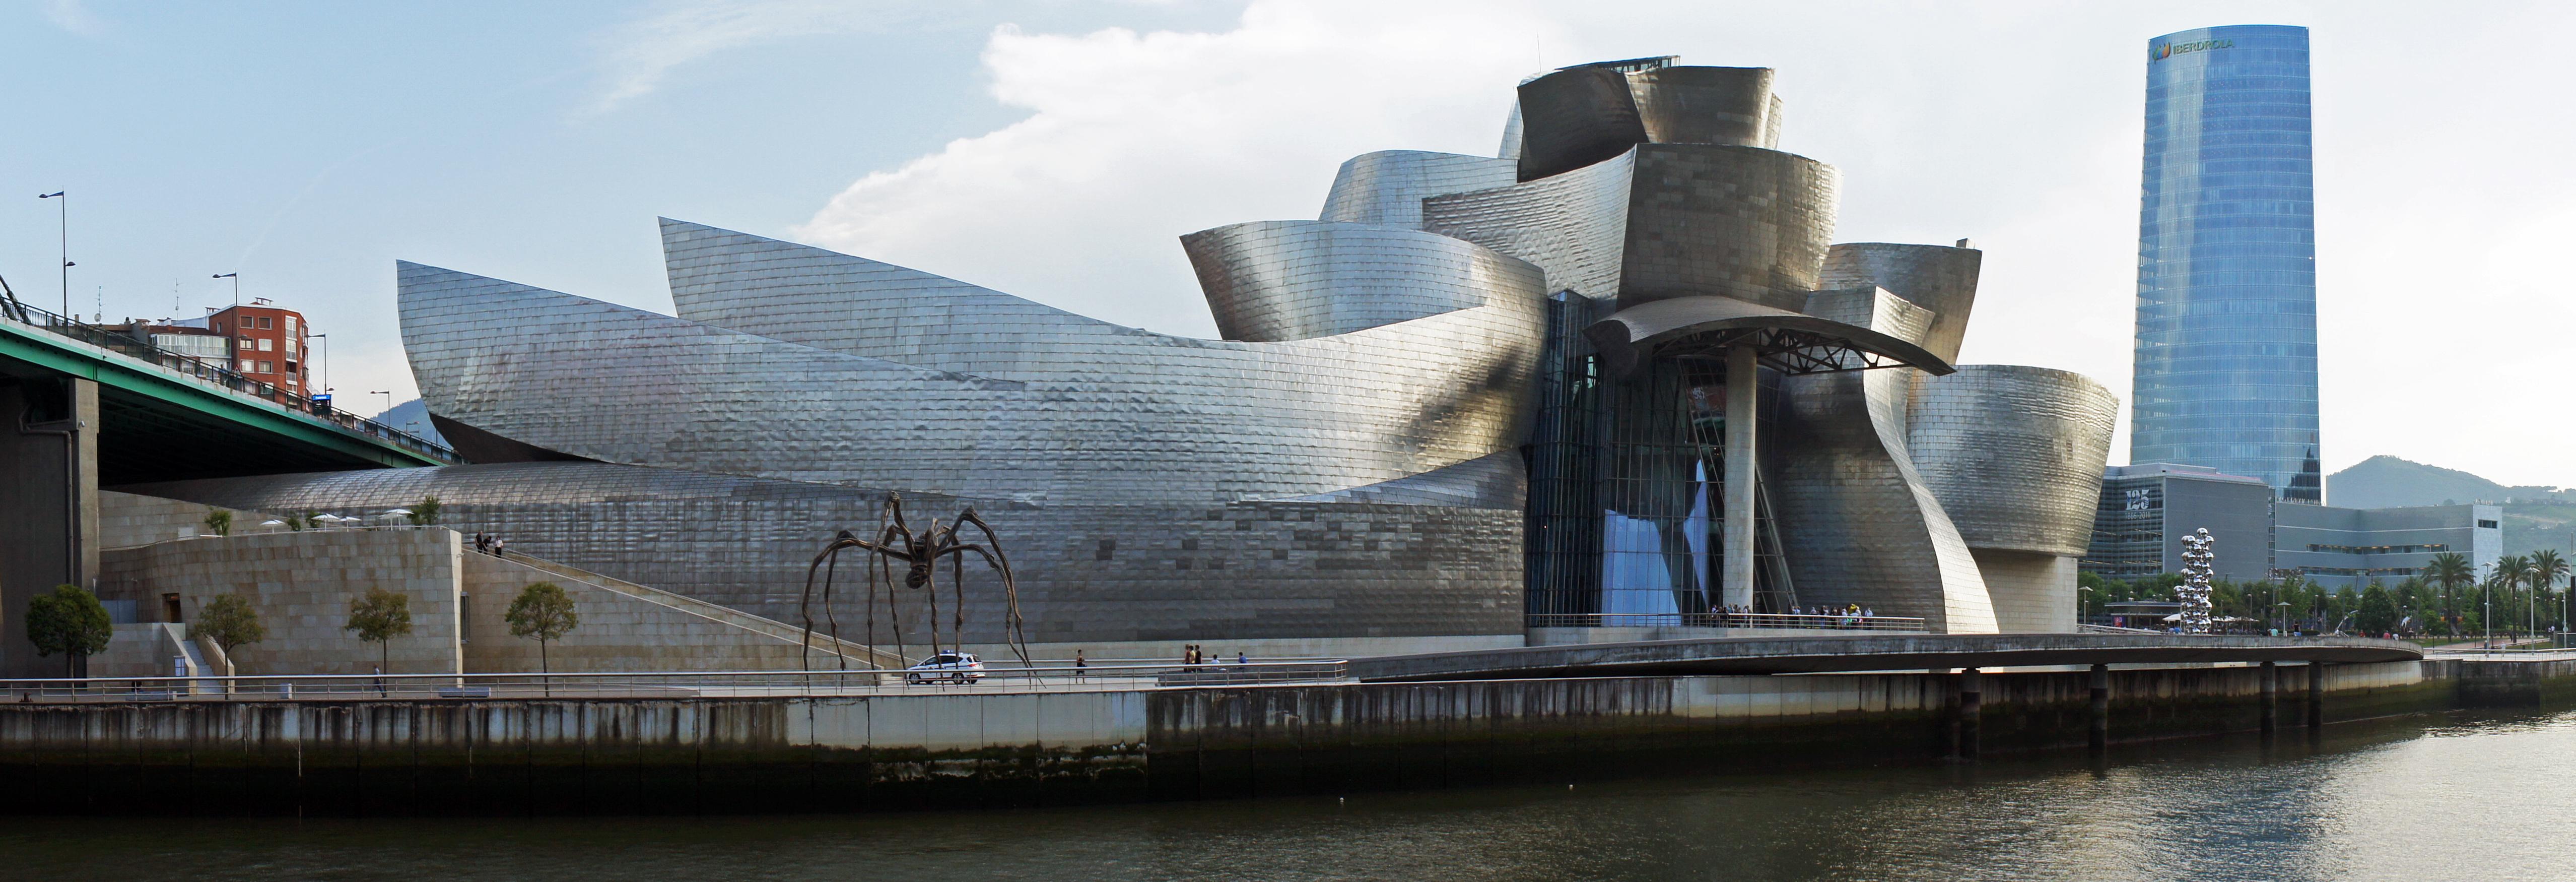 File:Guggenheim Bilbao 06 2012 Panorama 2680.jpg - Wikimedia Commons